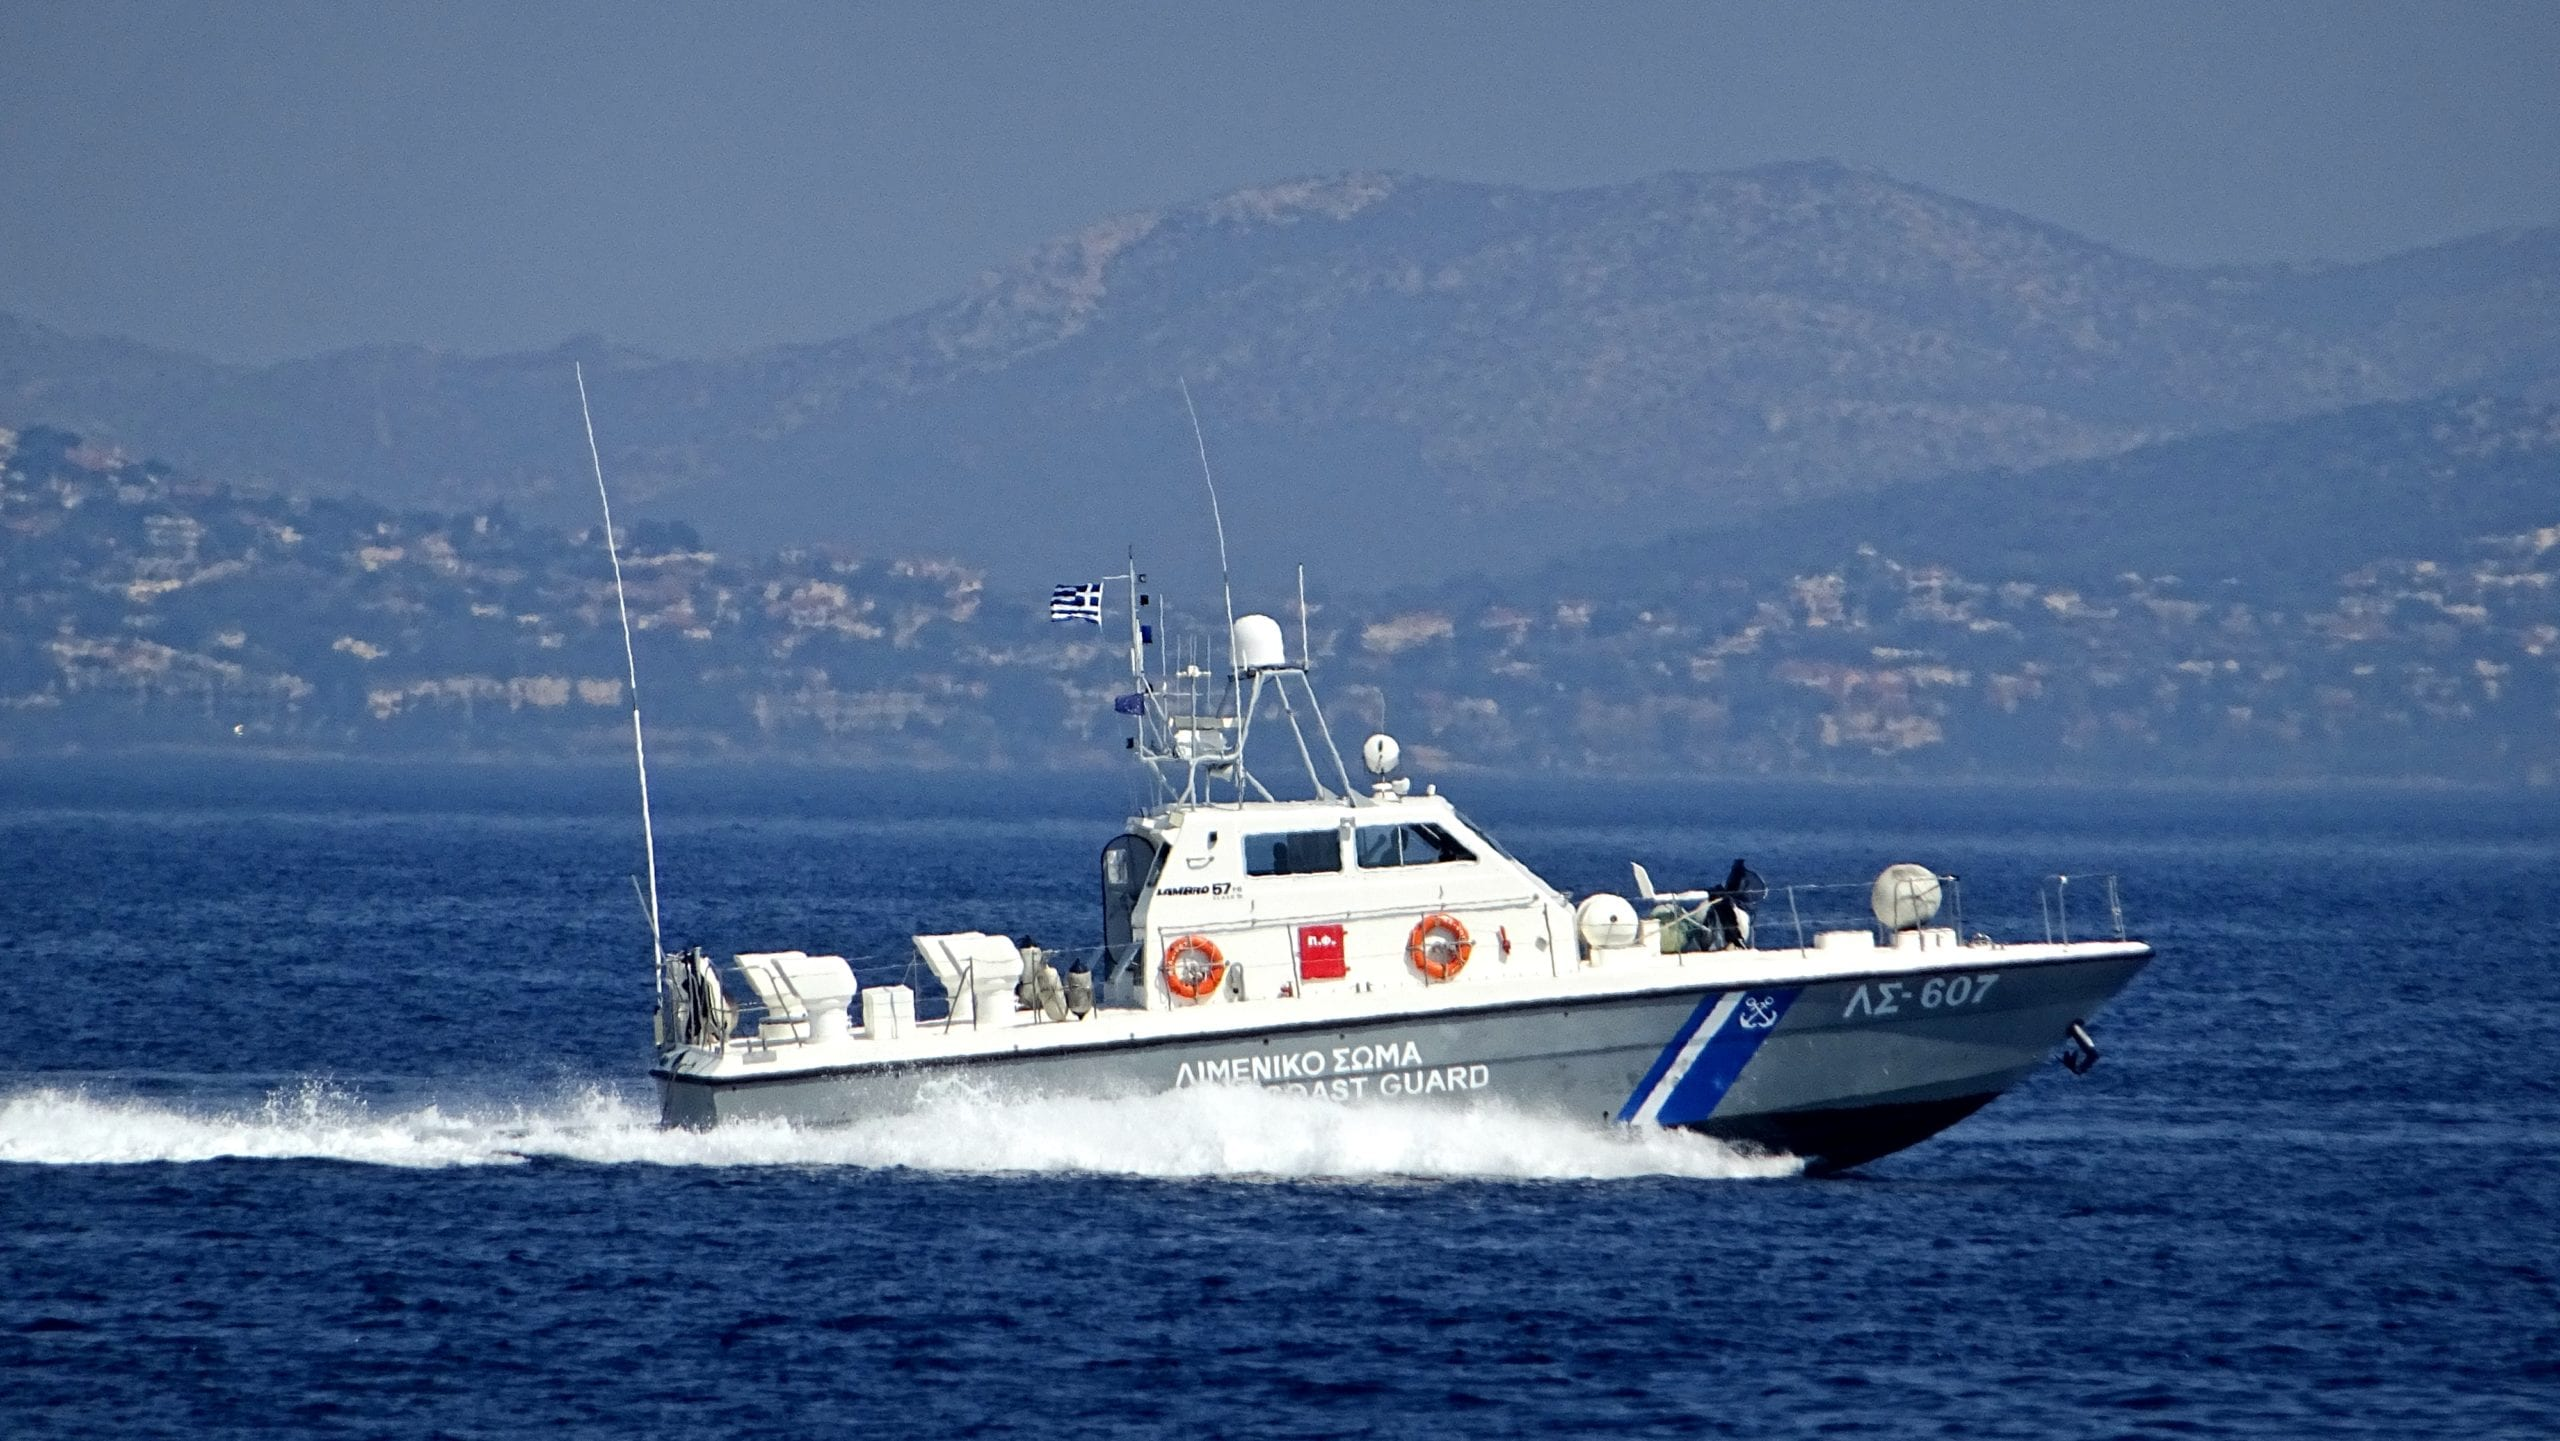 Ομοσπονδία Λιμενικών: Τι ζητούν για ασφαλιστικό και συντάξιμα έτη Επεισόδιο στα Ίμια: Ανακοίνωση Λιμενικού μετά από 24 ώρες - Επιβεβαιώνει την παρενόχληση και την πρόκληση ζημιών στο ελληνικό σκάφος Η Τουρκία επιχειρεί νέα Ίμια με αφορμή την έρευνα και διάσωση στην περιοχή ανάμεσα Κάπραθο και Χάλκη - Τι συνέβη κατά τη διάρκεια της νύχτας Κως: Τουρκική ακταίωρος εμβόλισε σκάφος του Λιμενικού 11/3